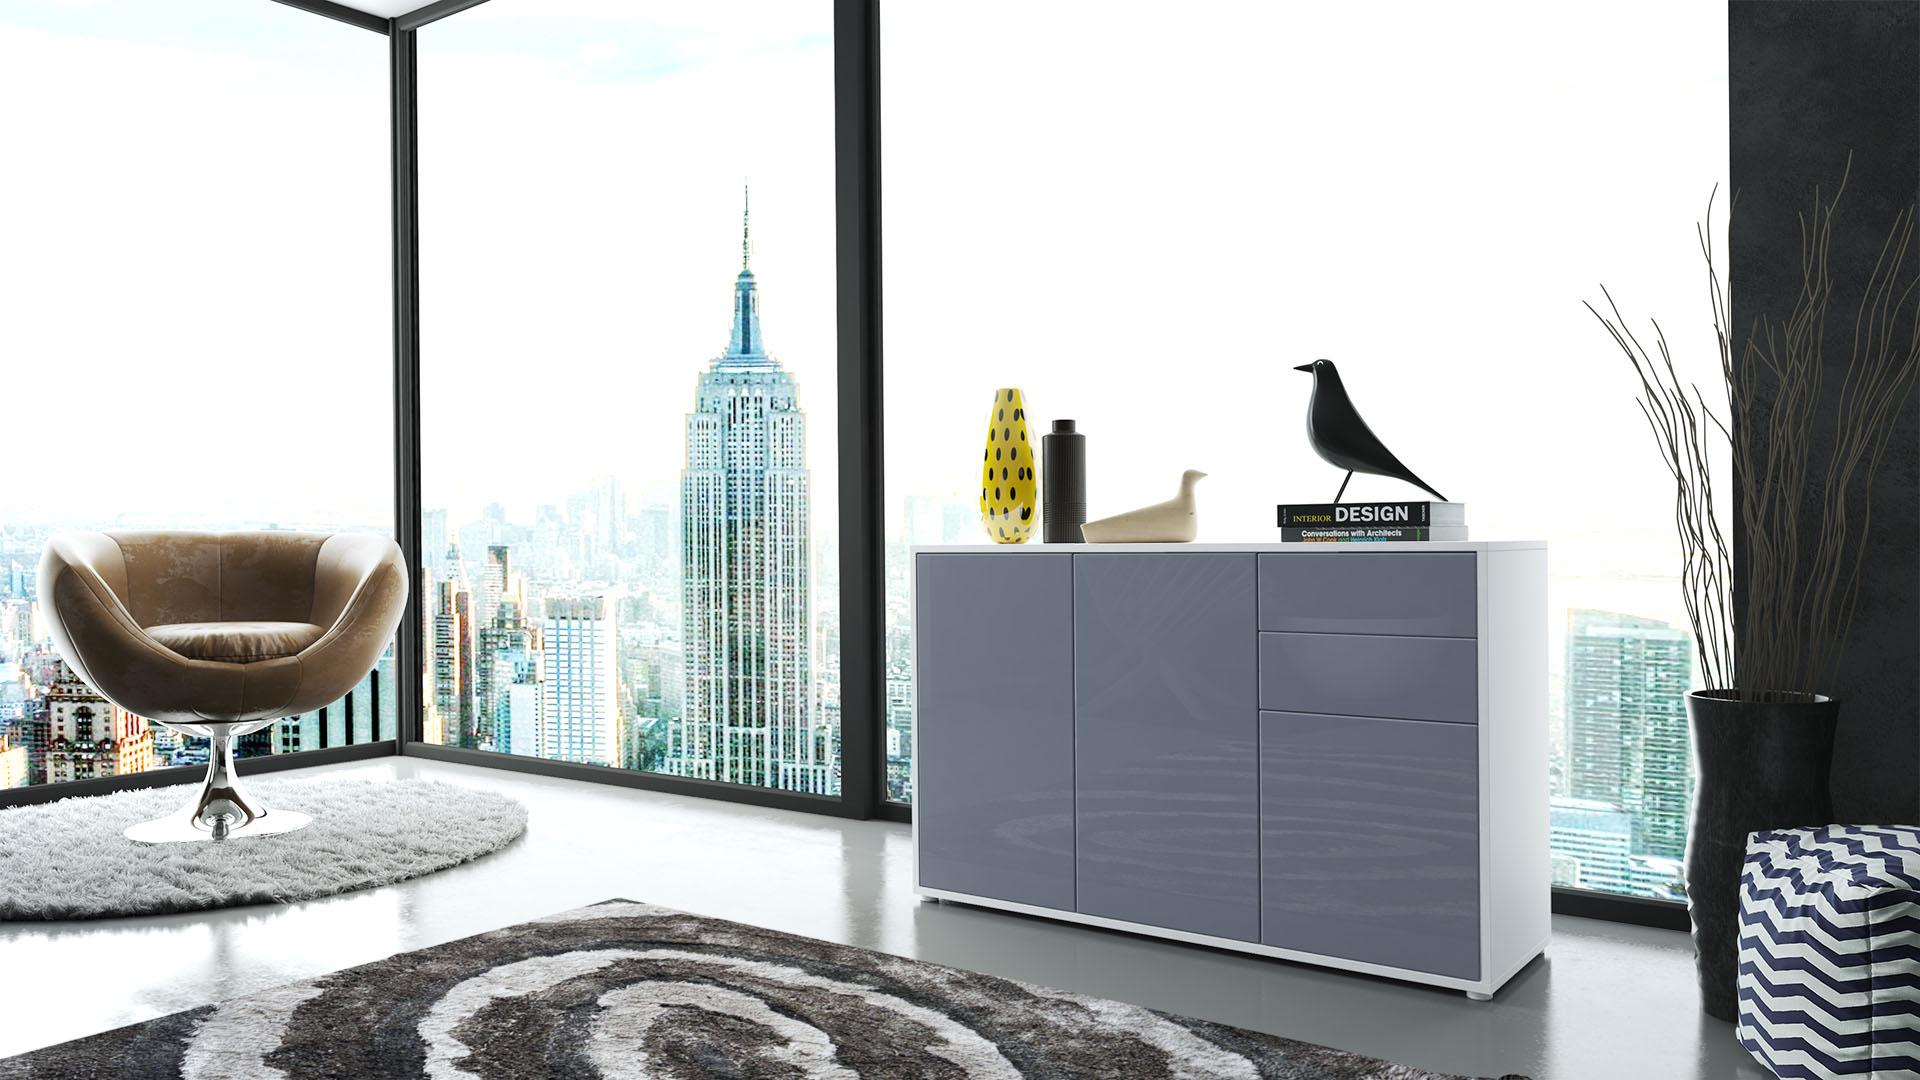 sideboard grau matt sideboard petit belle meuble tv usm haller usm haller sideboard x admirable. Black Bedroom Furniture Sets. Home Design Ideas